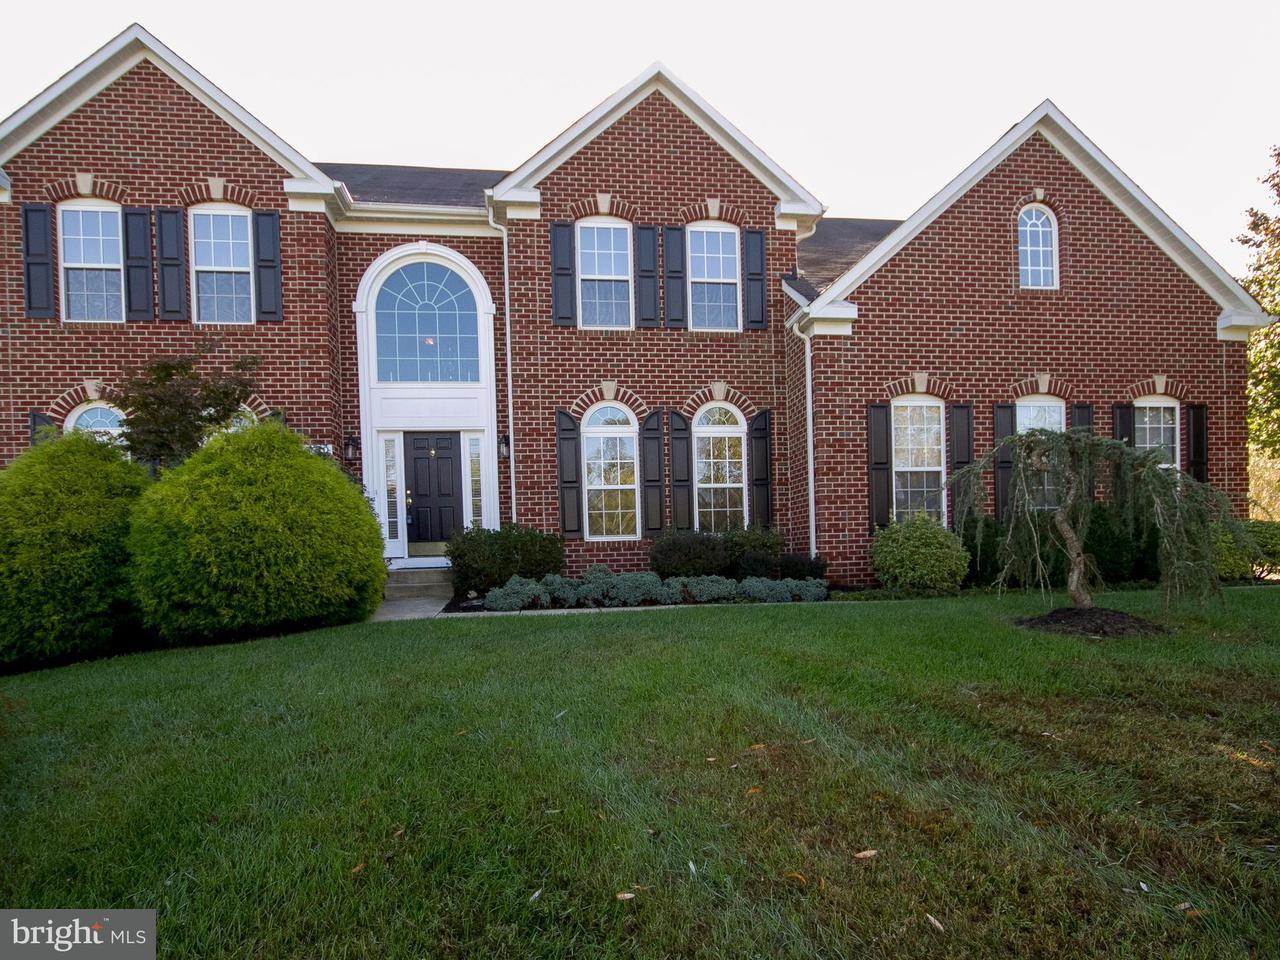 Частный односемейный дом для того Продажа на 5620 Breckenridge Court 5620 Breckenridge Court Eldersburg, Мэриленд 21784 Соединенные Штаты